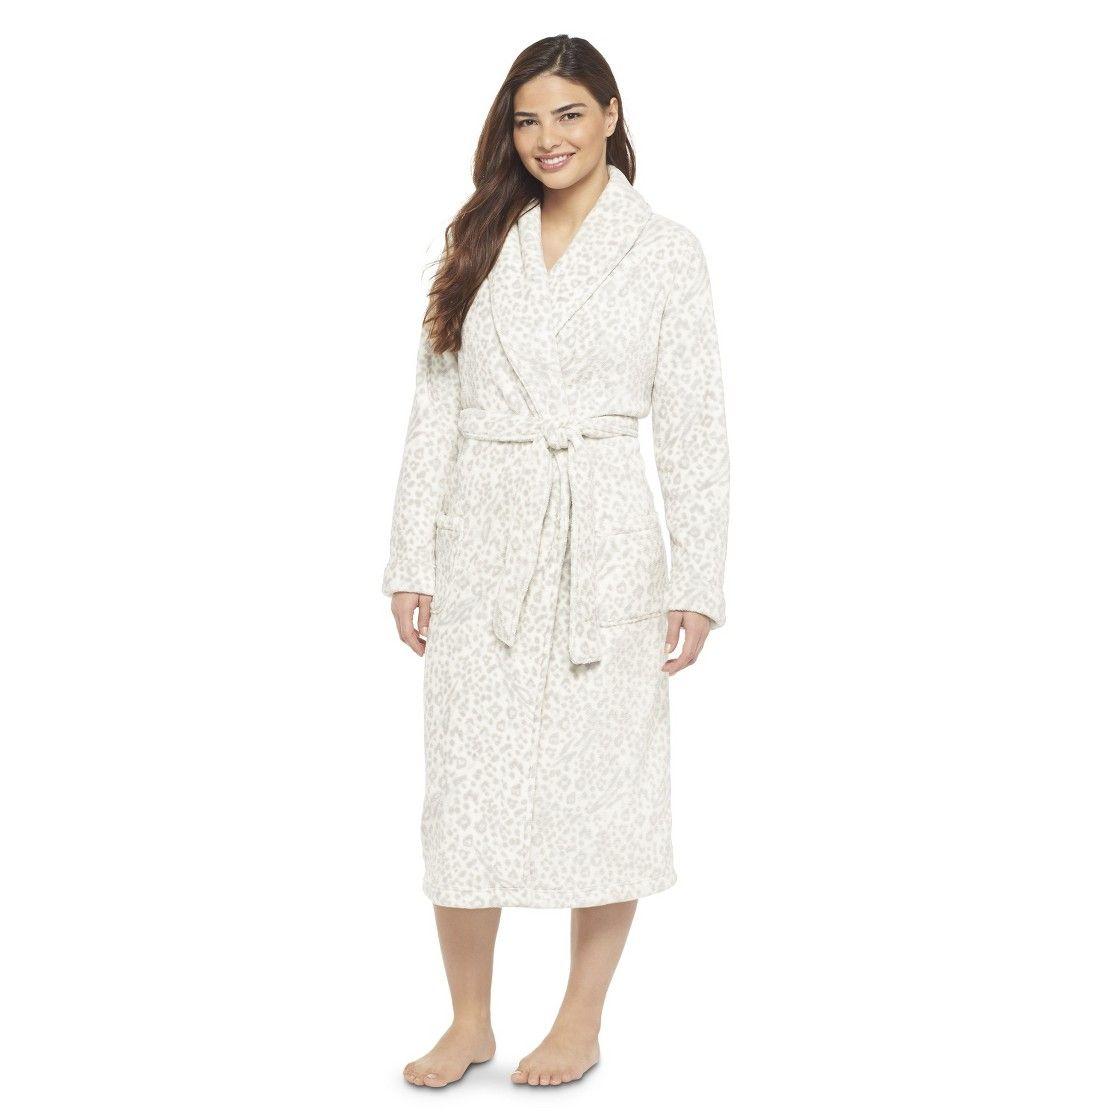 Women's Cozy Plush Robe - Gilligan